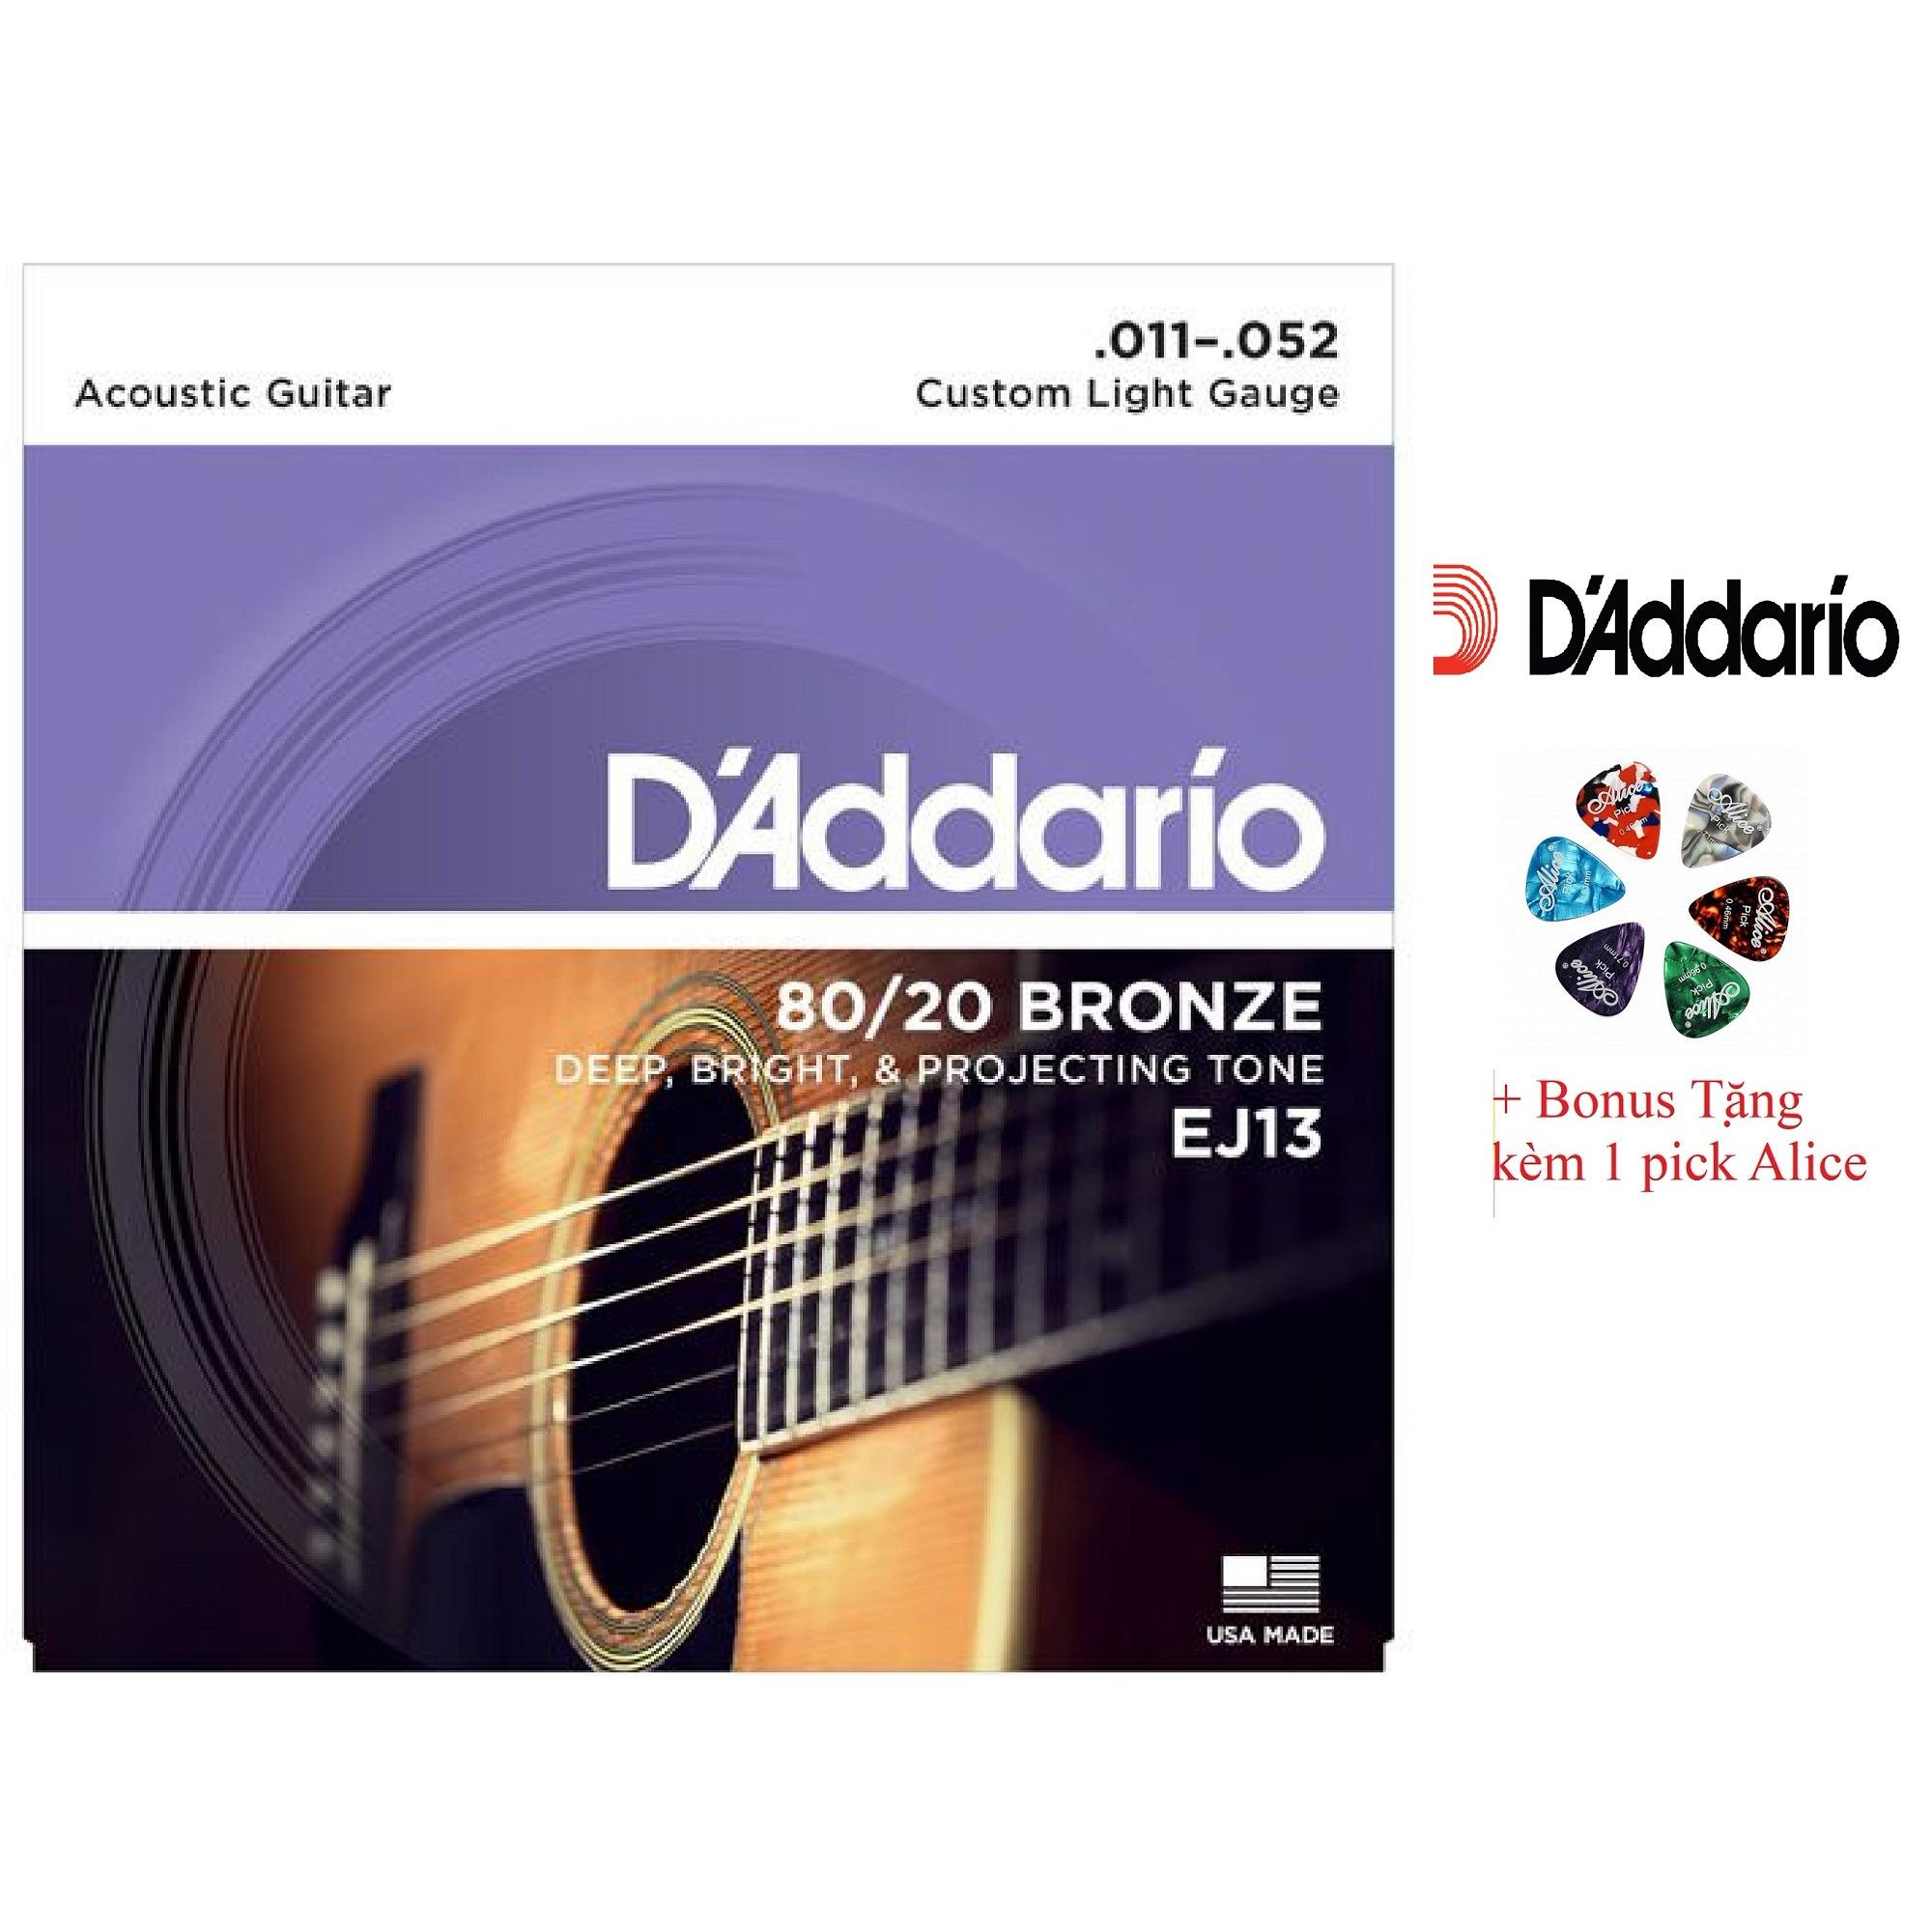 Chiết Khấu Bộ Hộp 6 Day Đan Guitar Acoustic D Addario Ej13 Cao Cấp Pick Alice Cỡ 11 Hà Nội